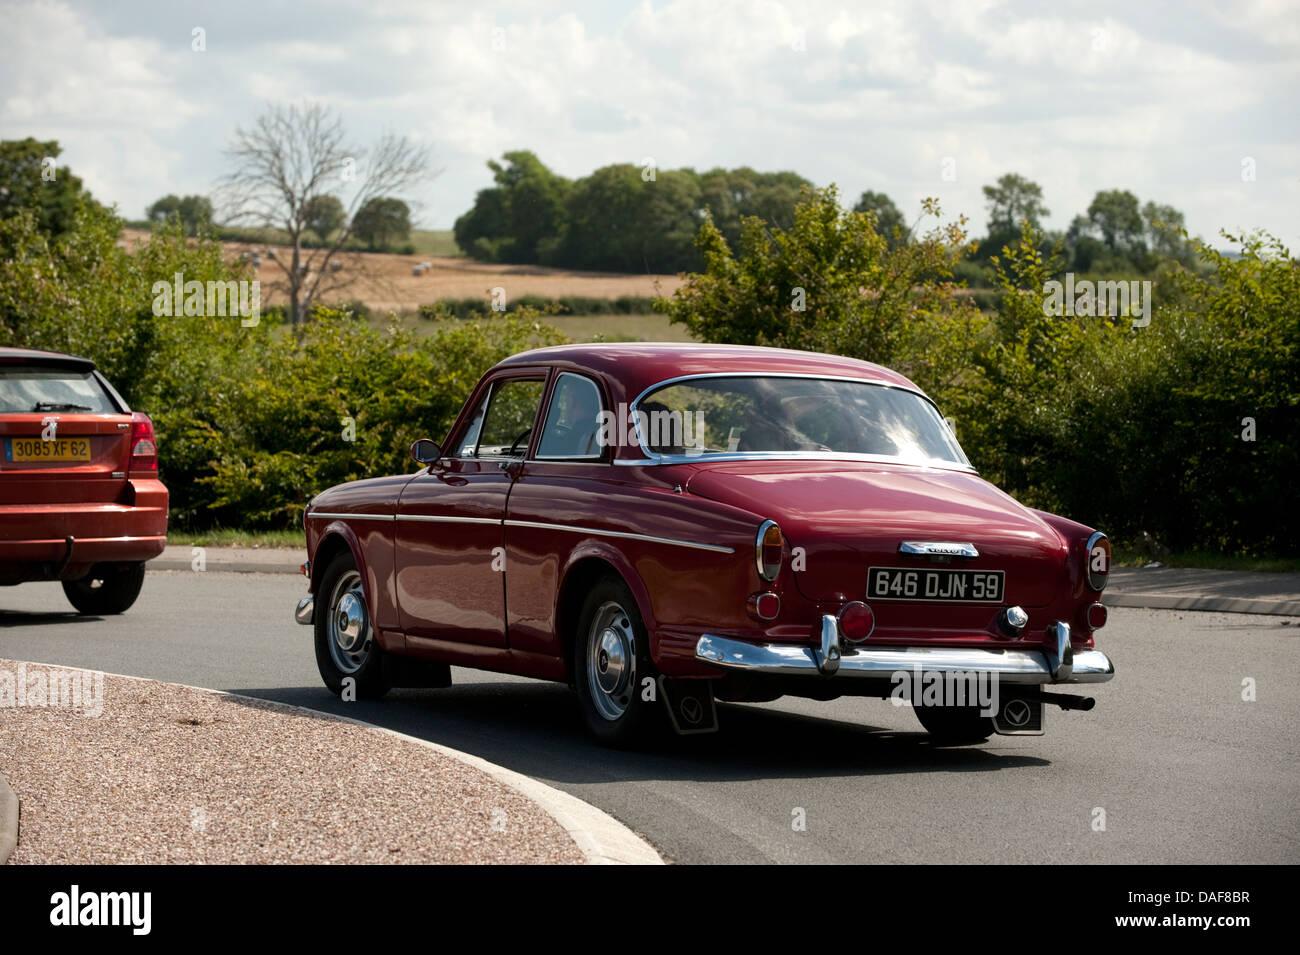 Volvo Car Fotos E Imagenes De Stock Alamy